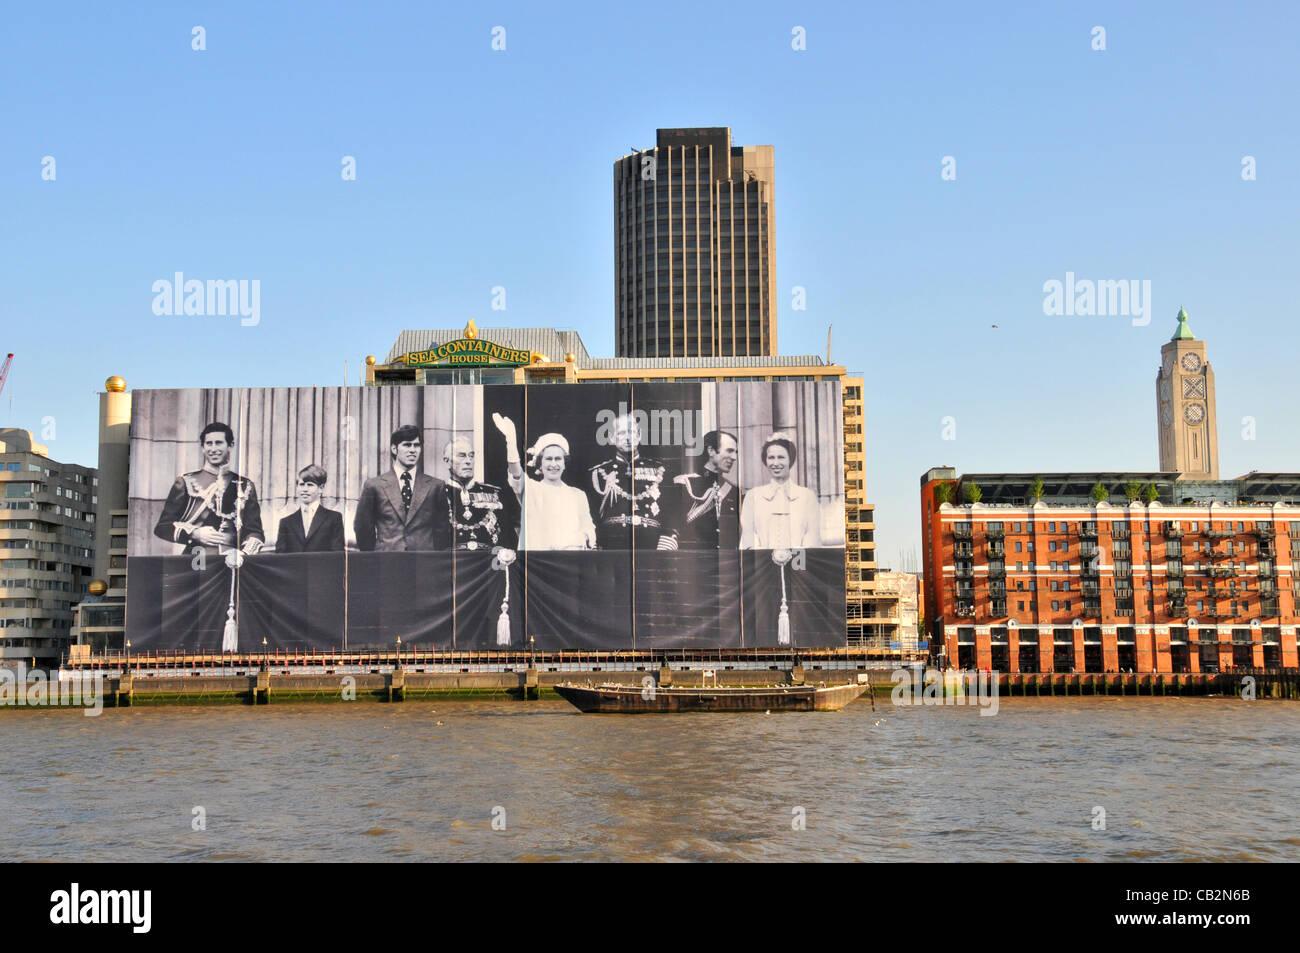 Londres, Reino Unido. 25 de mayo de 2012. La imagen más grande de la familia real en el frente marítimo Imagen De Stock